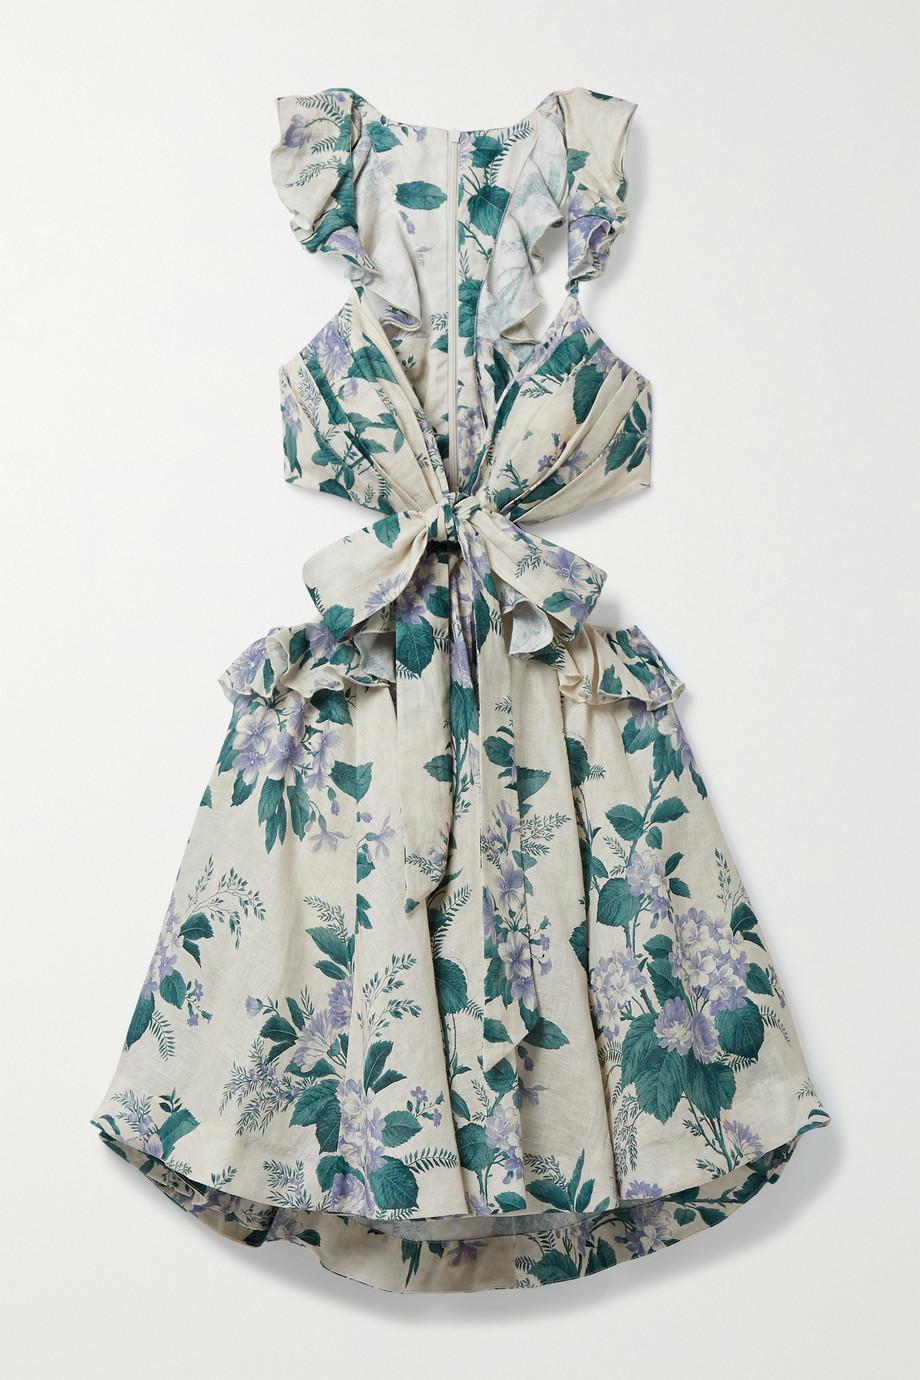 Zimmermann Cassia Minikleid aus Leinen mit Blumenprint, Rüschen und Cut-outs